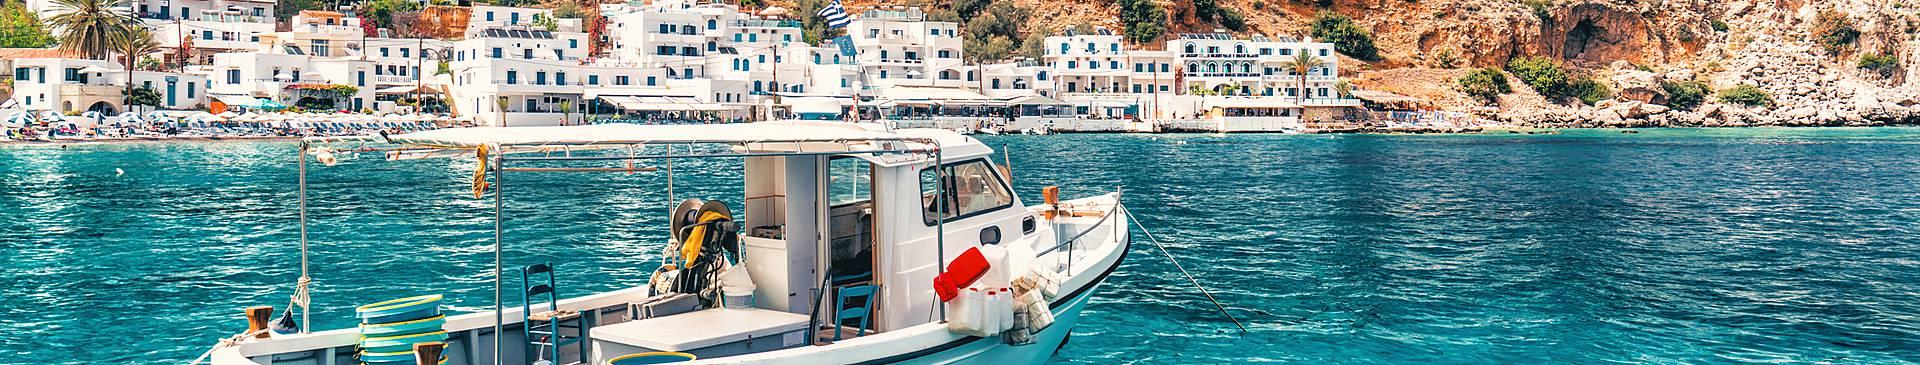 Viaggi a Creta in estate